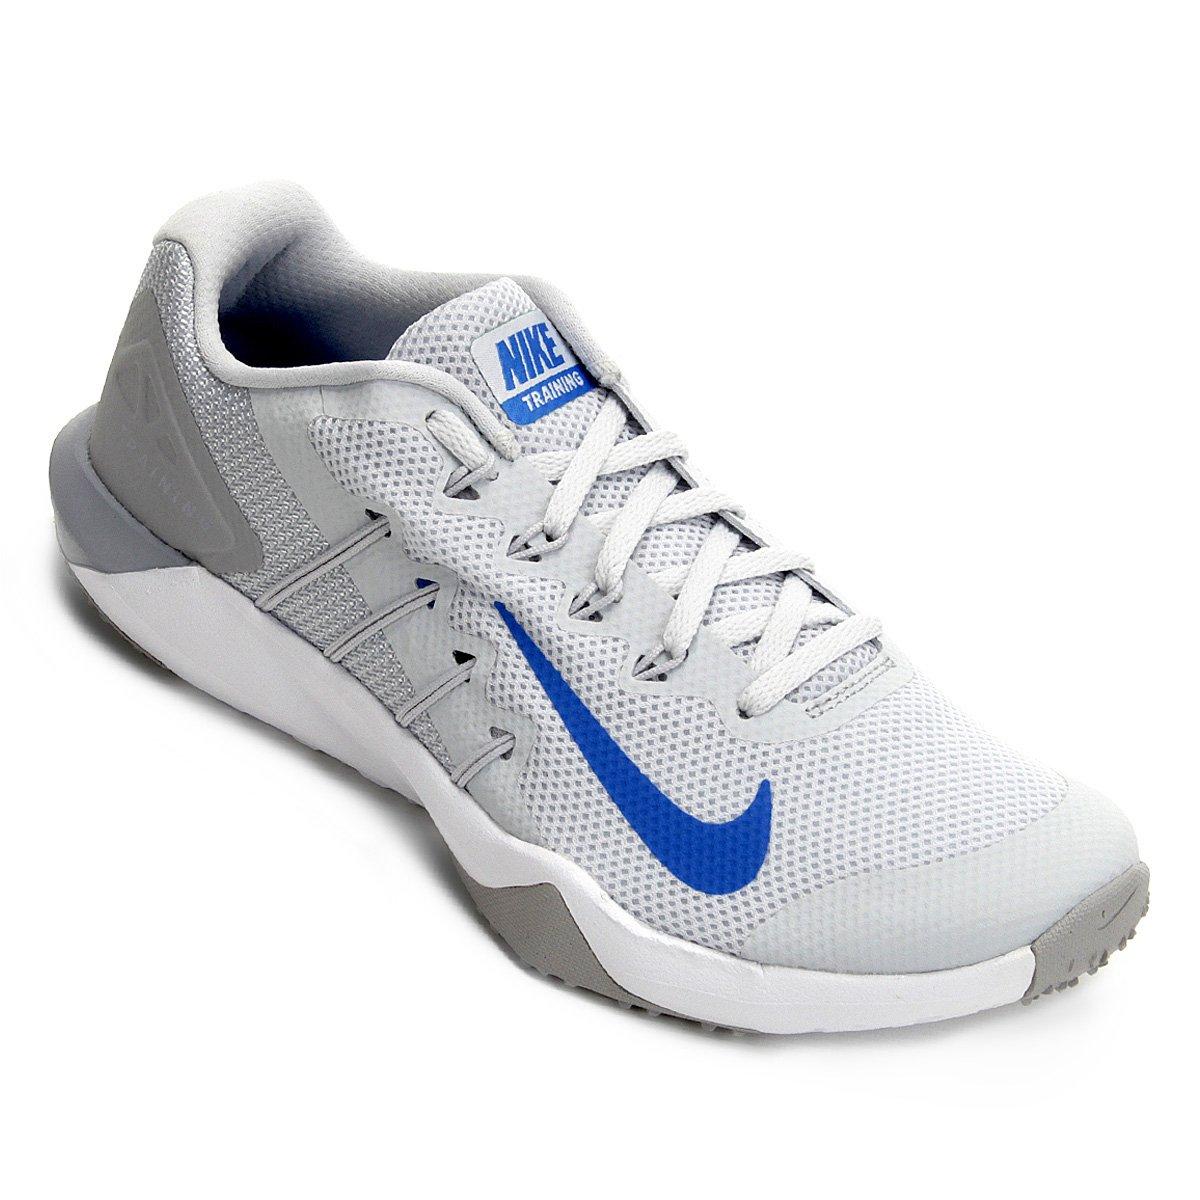 52ef64249e9 Tênis Nike Retaliation Tr 2 Masculino - Prata e Azul - Compre Agora ...